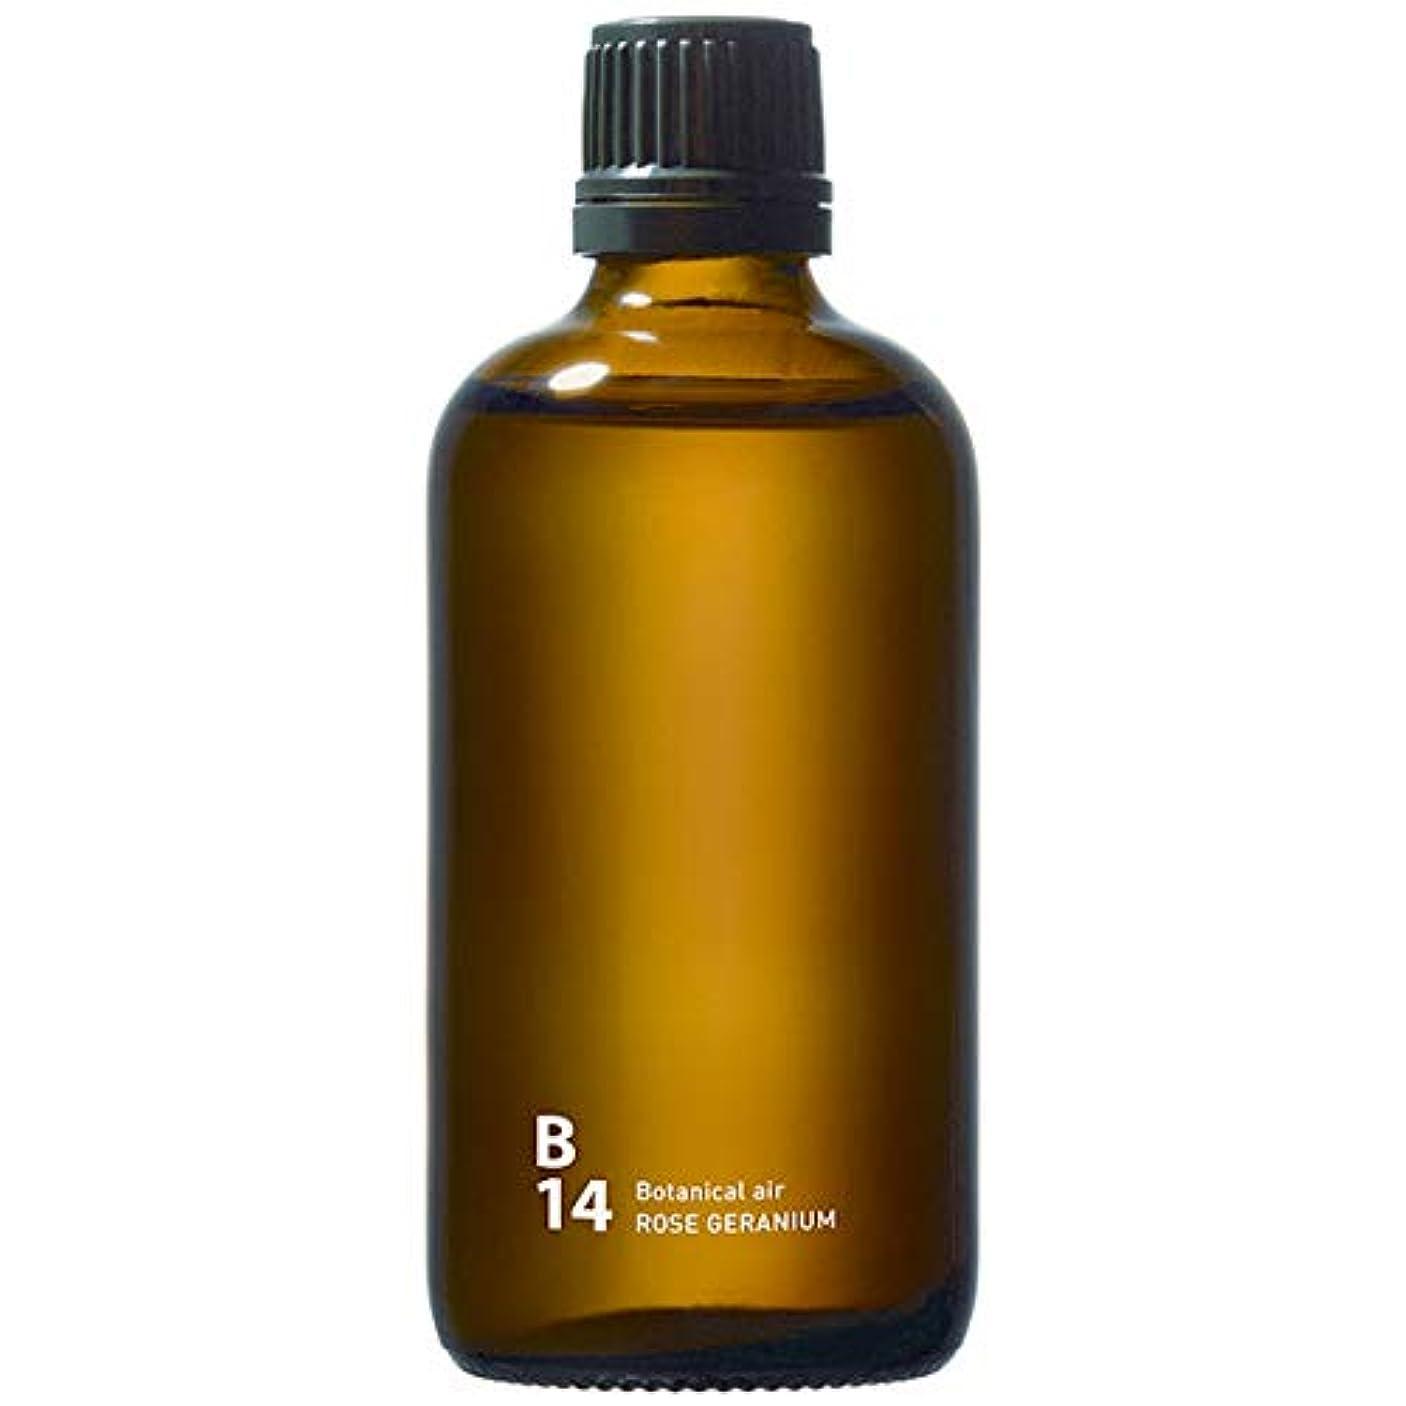 コークスプレミア没頭するB14 ROSE GERANIUM piezo aroma oil 100ml